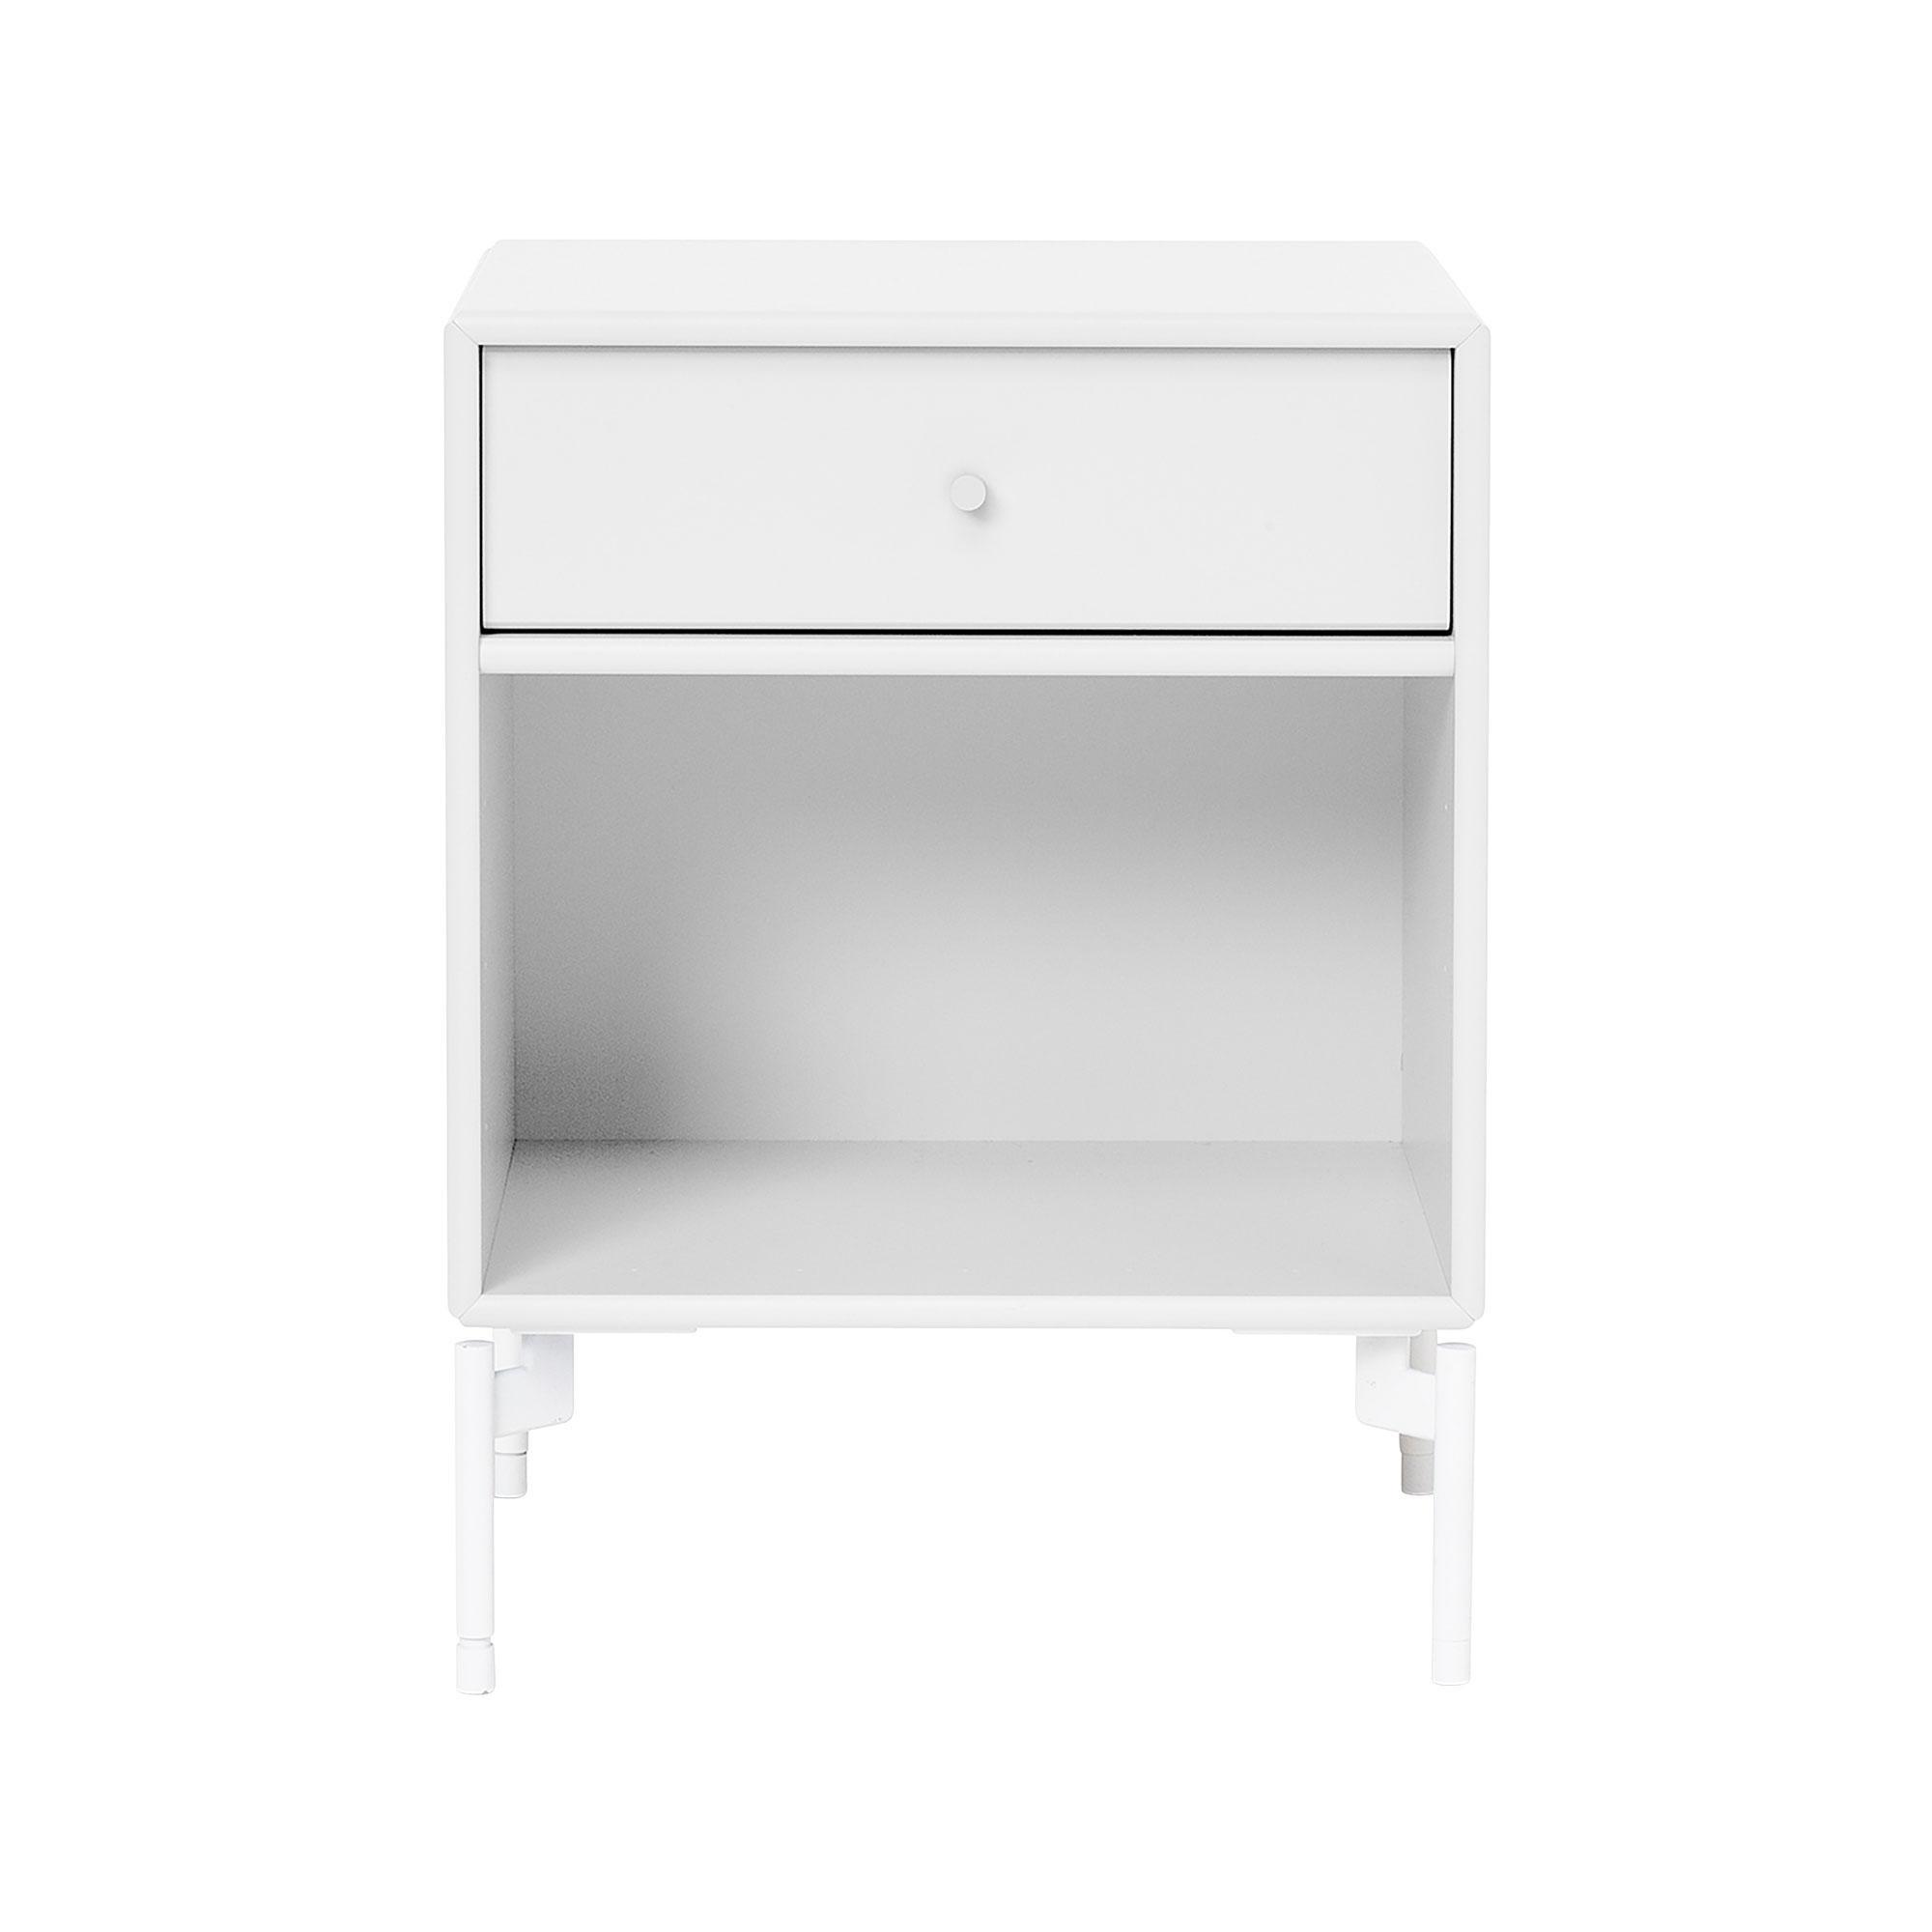 Montana - Dream Nachttisch mit Schublade H: 48cm - new white 101/lackiert/BxHxT 35|4x48x30cm | Schlafzimmer > Nachttische | New white 101 | Mdf lackiert| zink | Montana